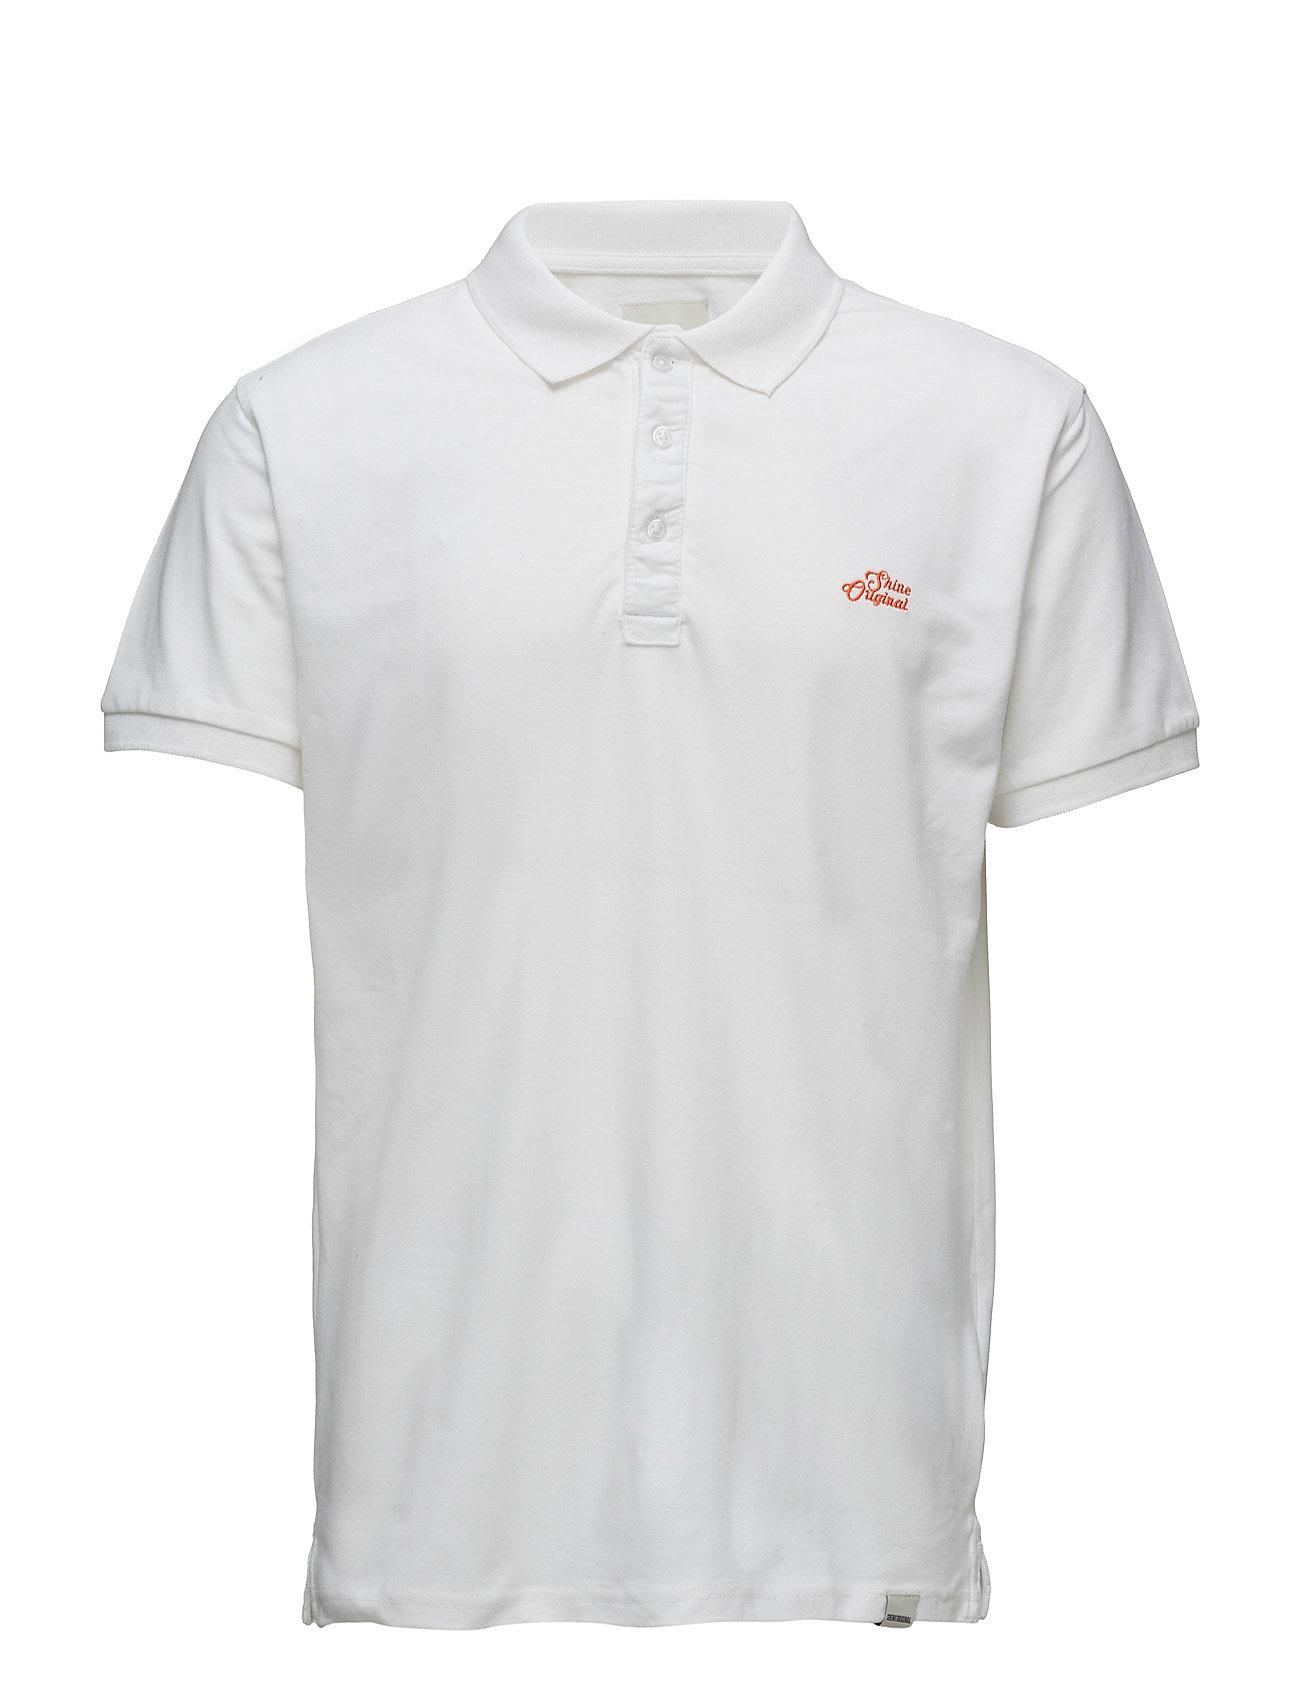 PigmentdyepolopiquÈS/S Shine Original Kortærmede polo t-shirts til Herrer i hvid